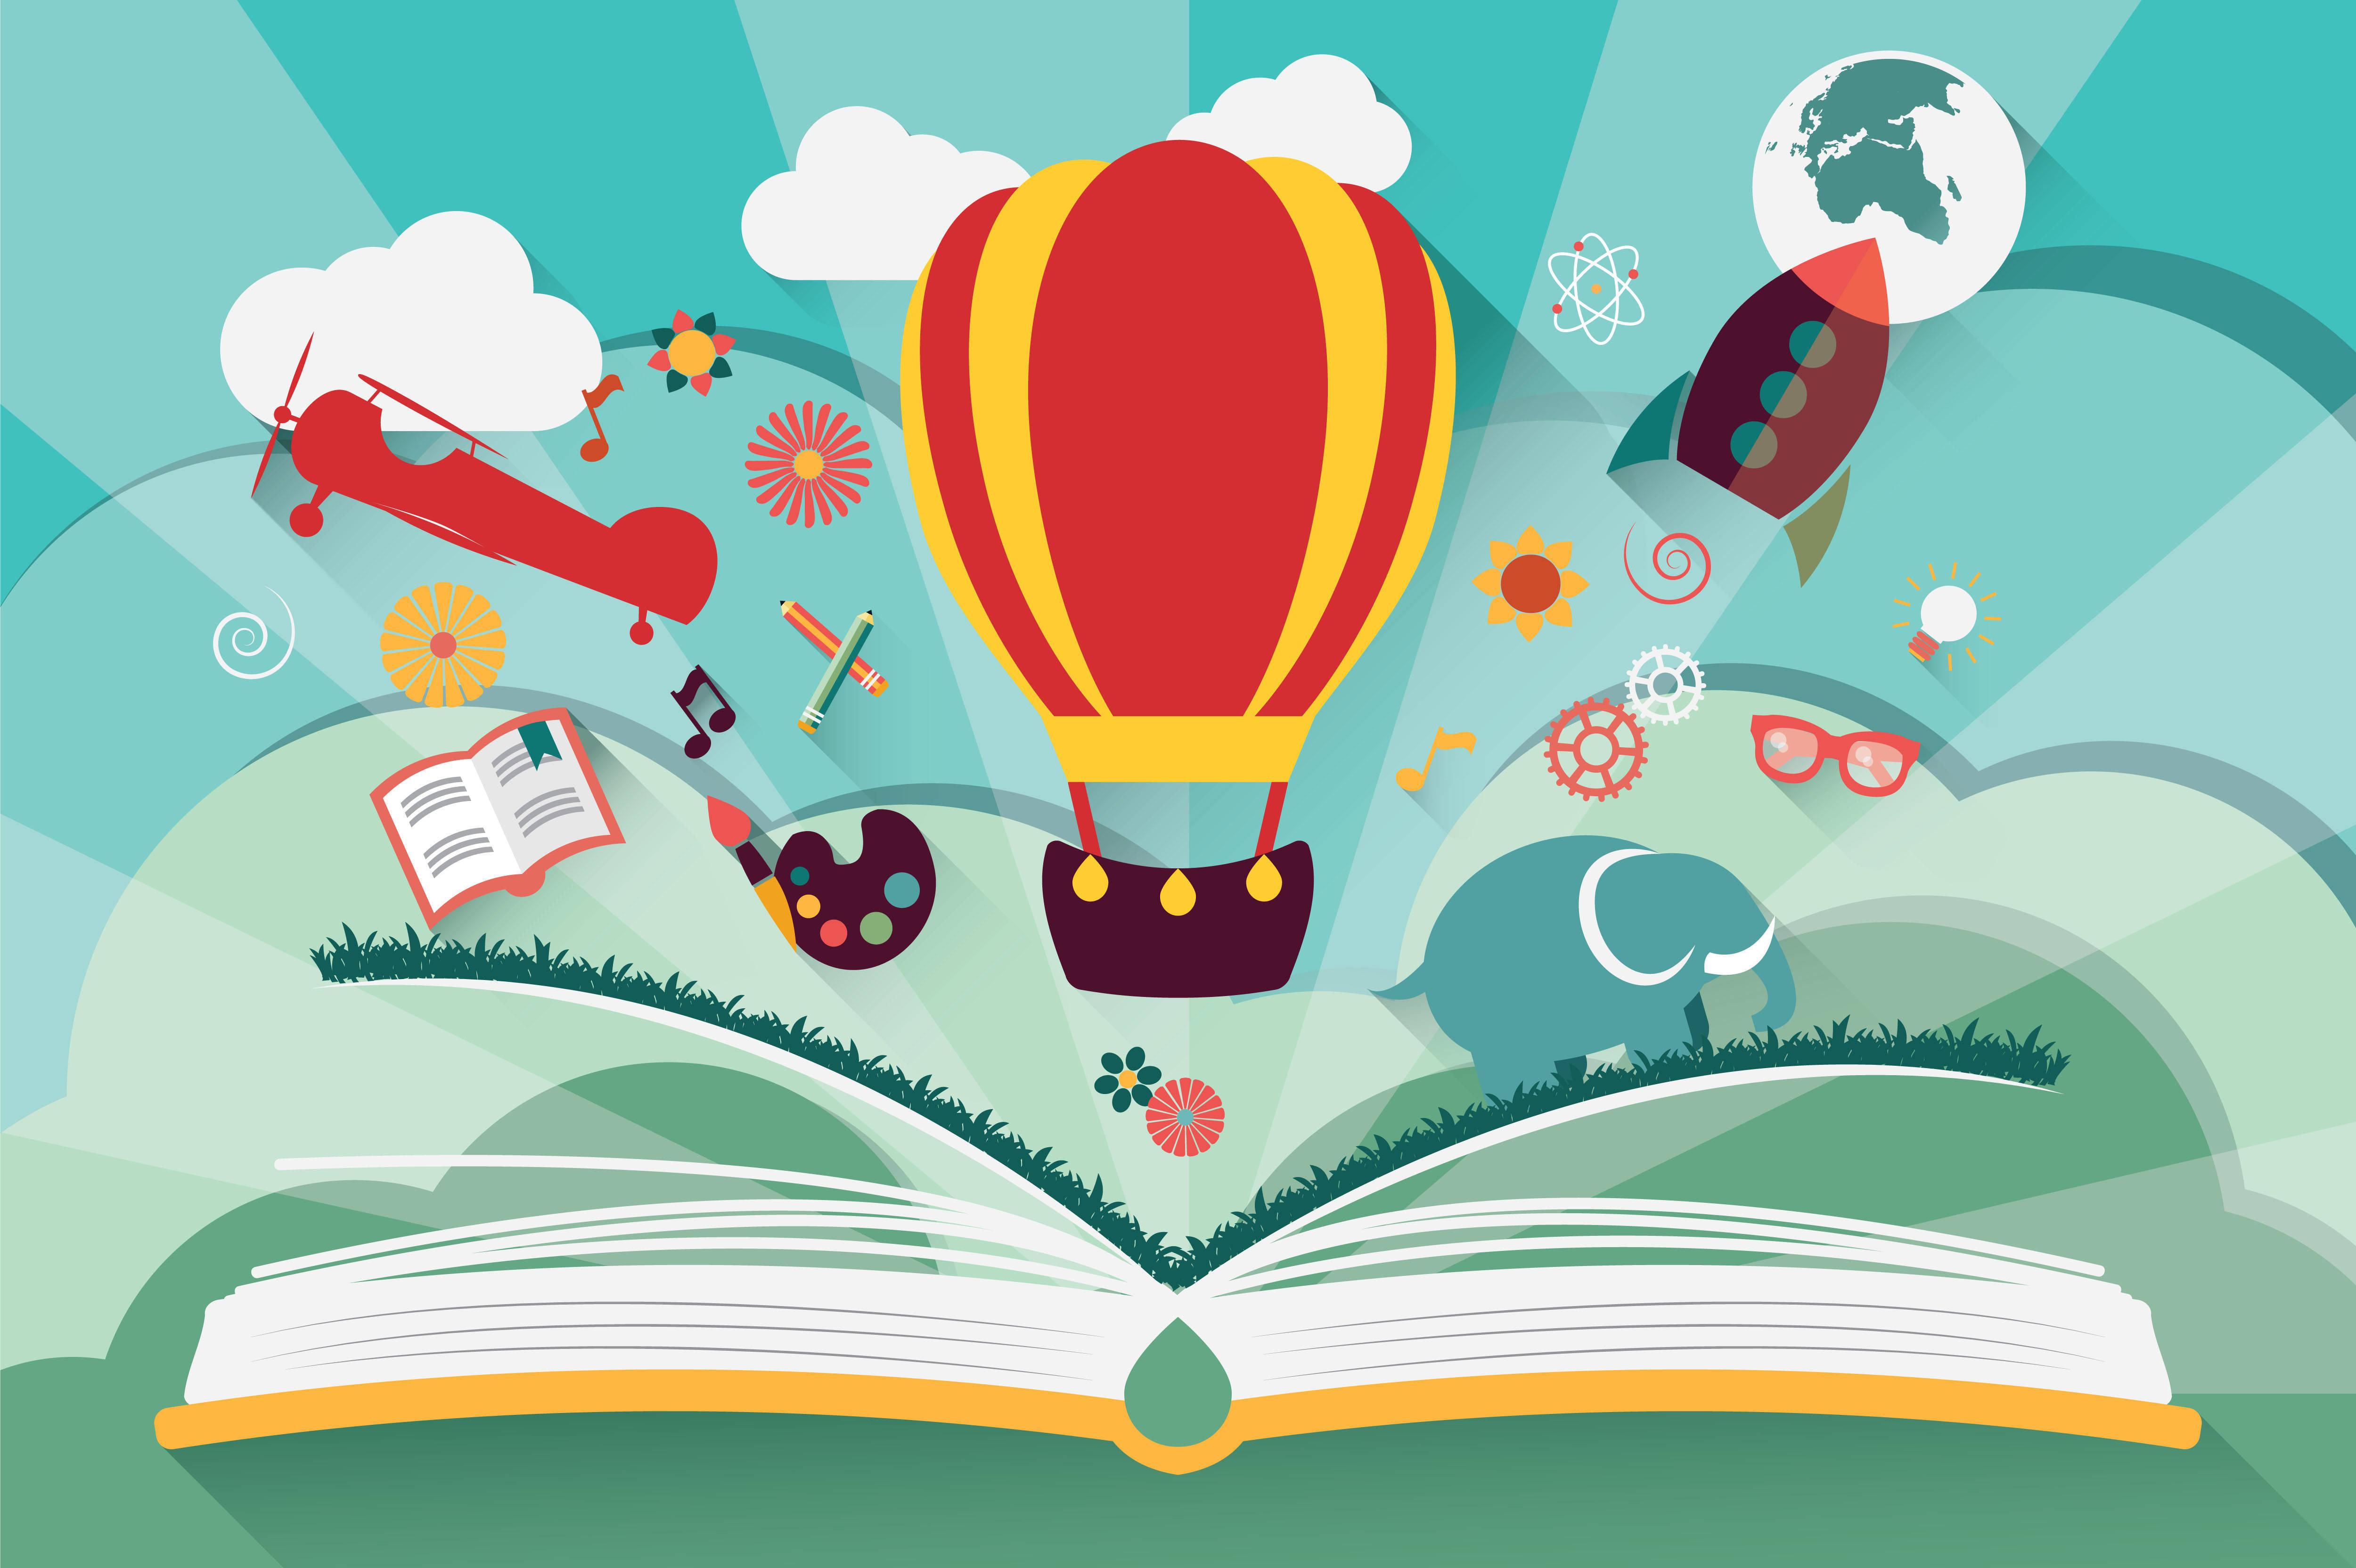 En Canarias la lectura no forma parte del ocio como debería